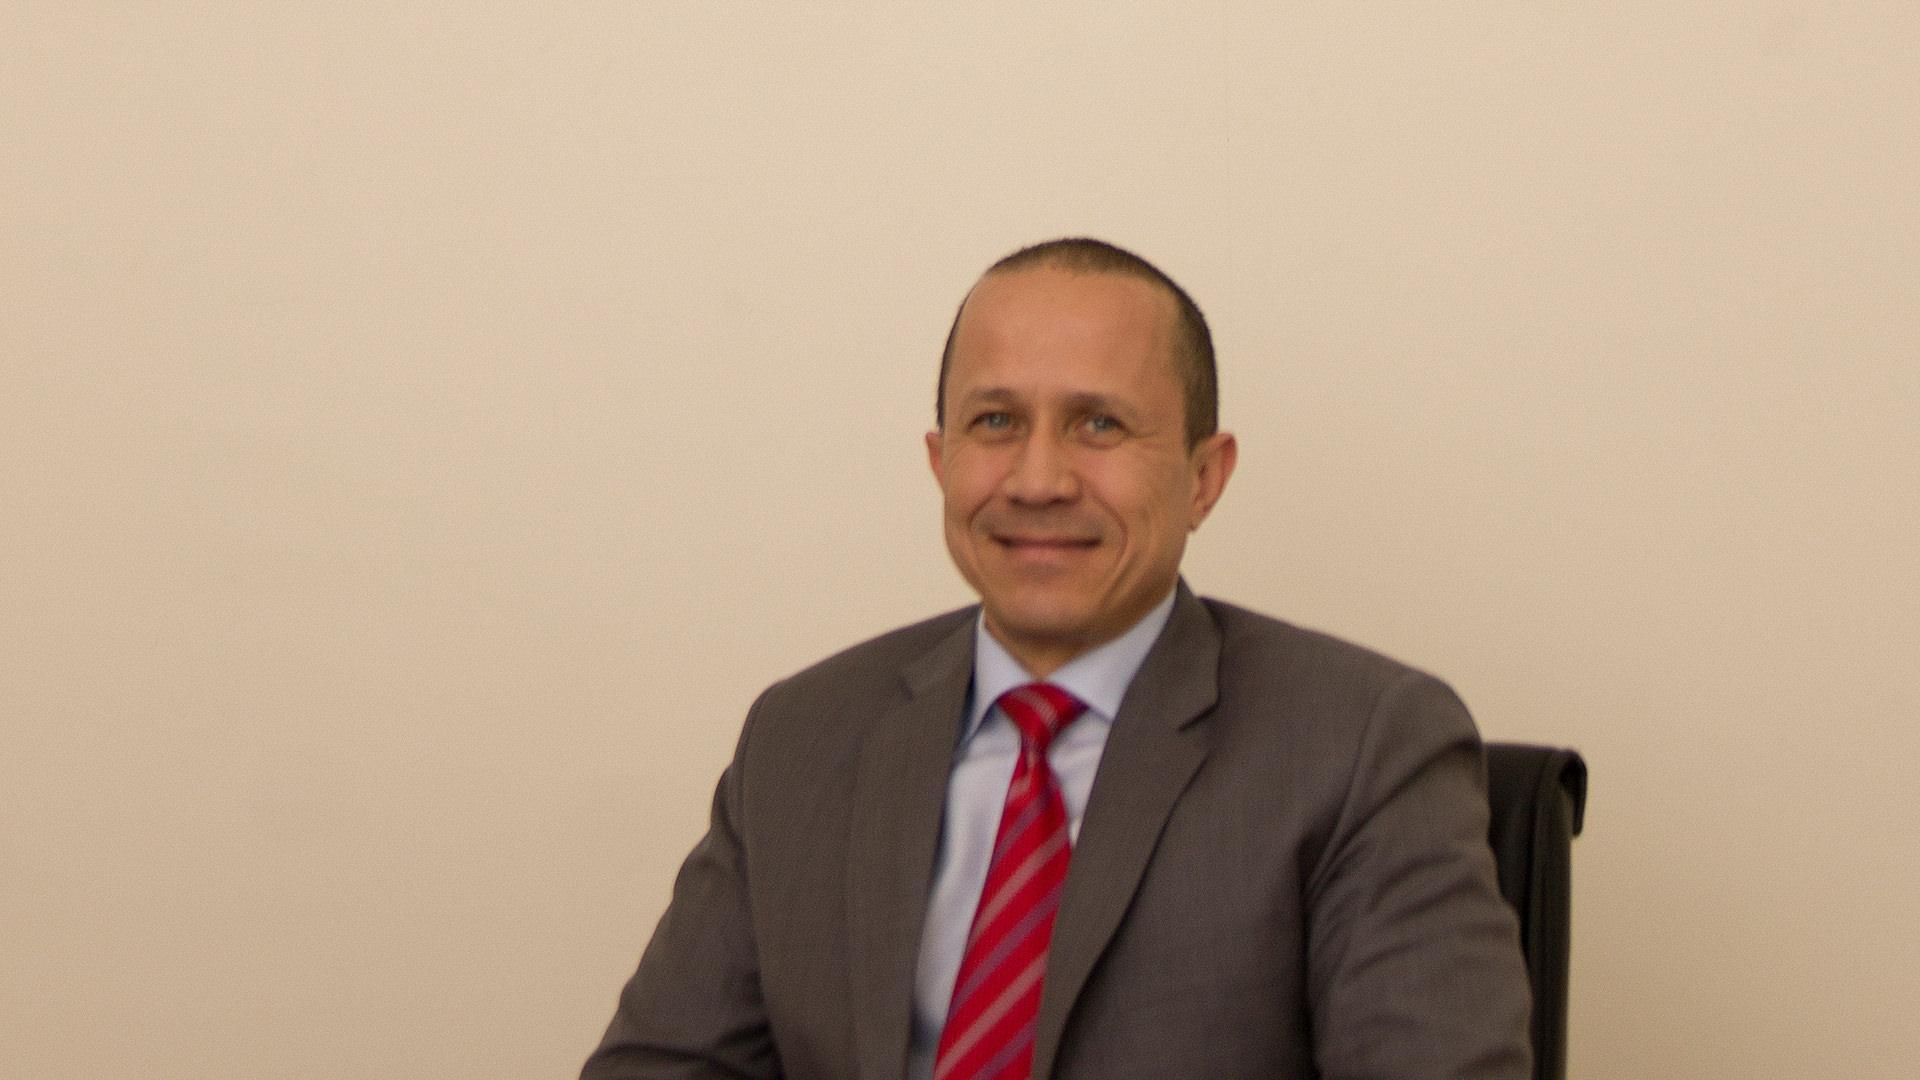 James van Vught, CEO of Ibn Al-Nafees Hospital